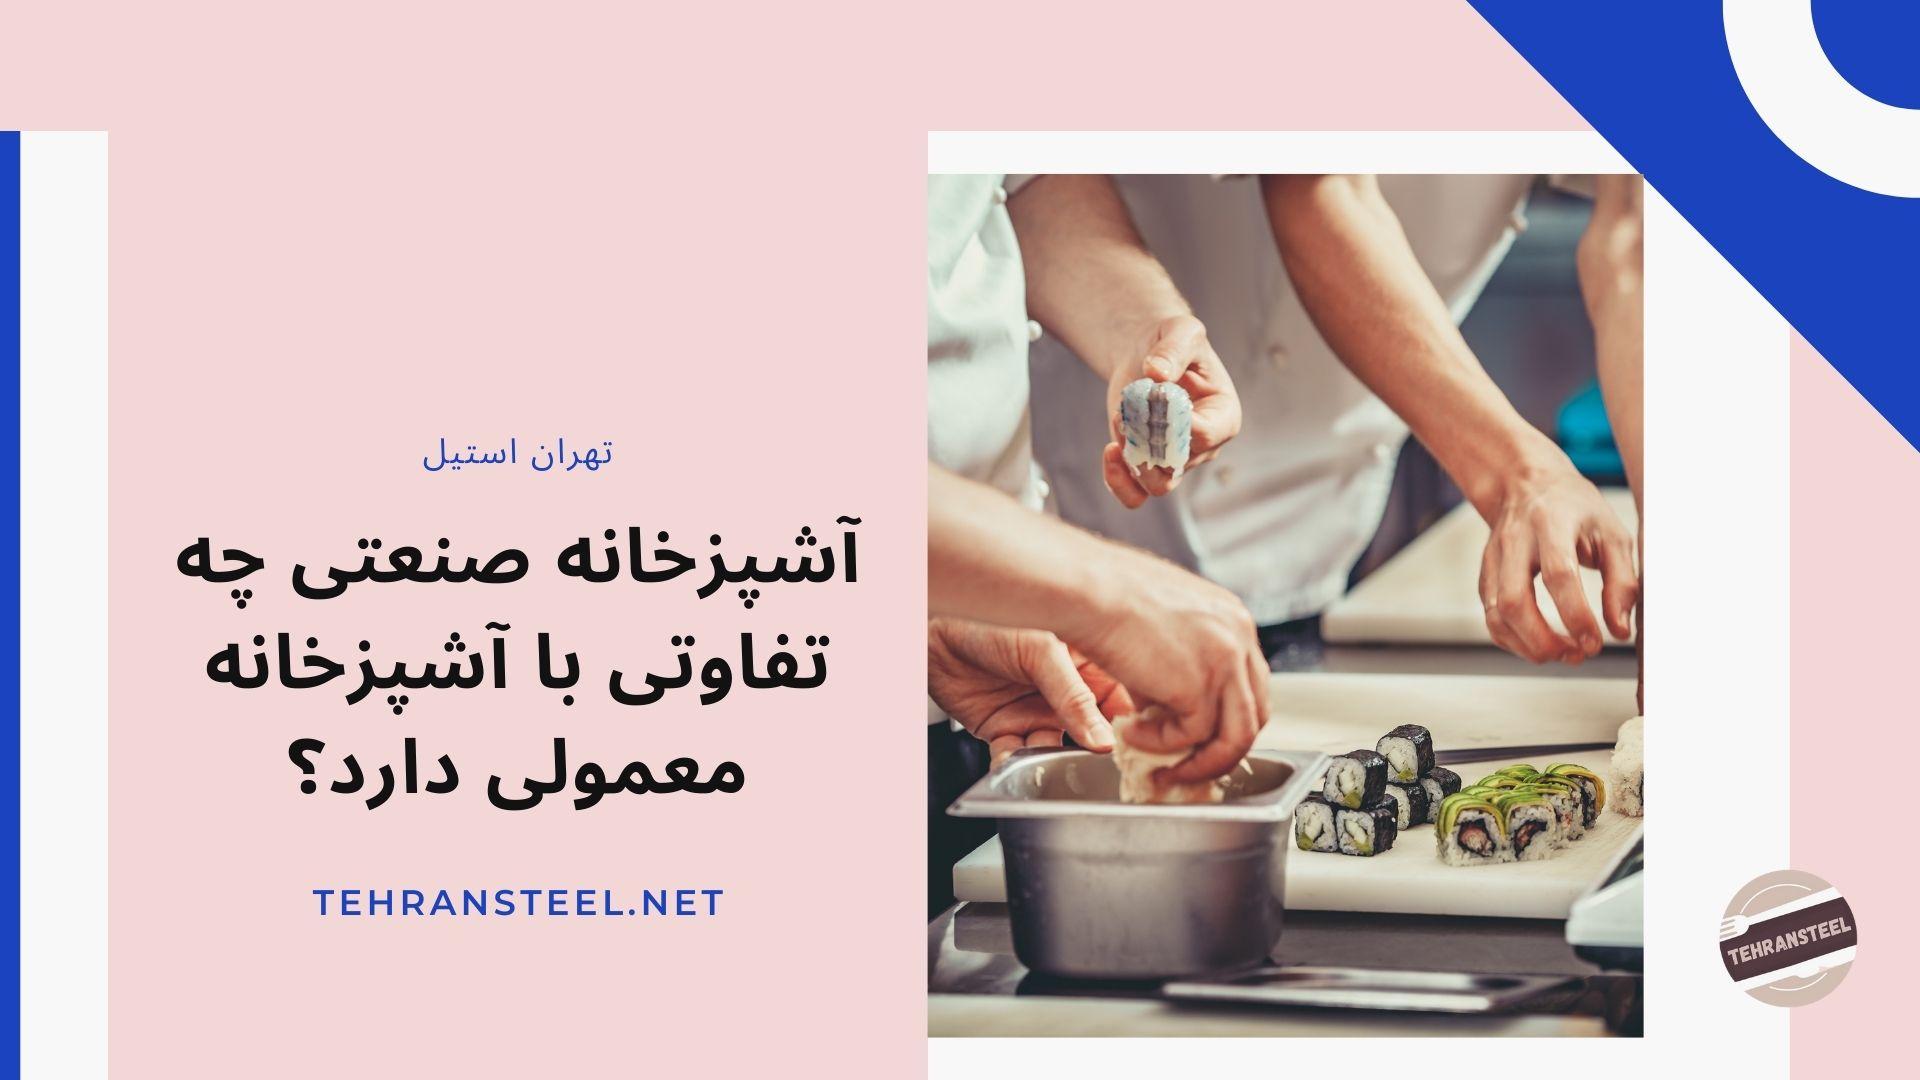 آشپزخانه صنعتی چه تفاوتی با آشپزخانه معمولی دارد؟